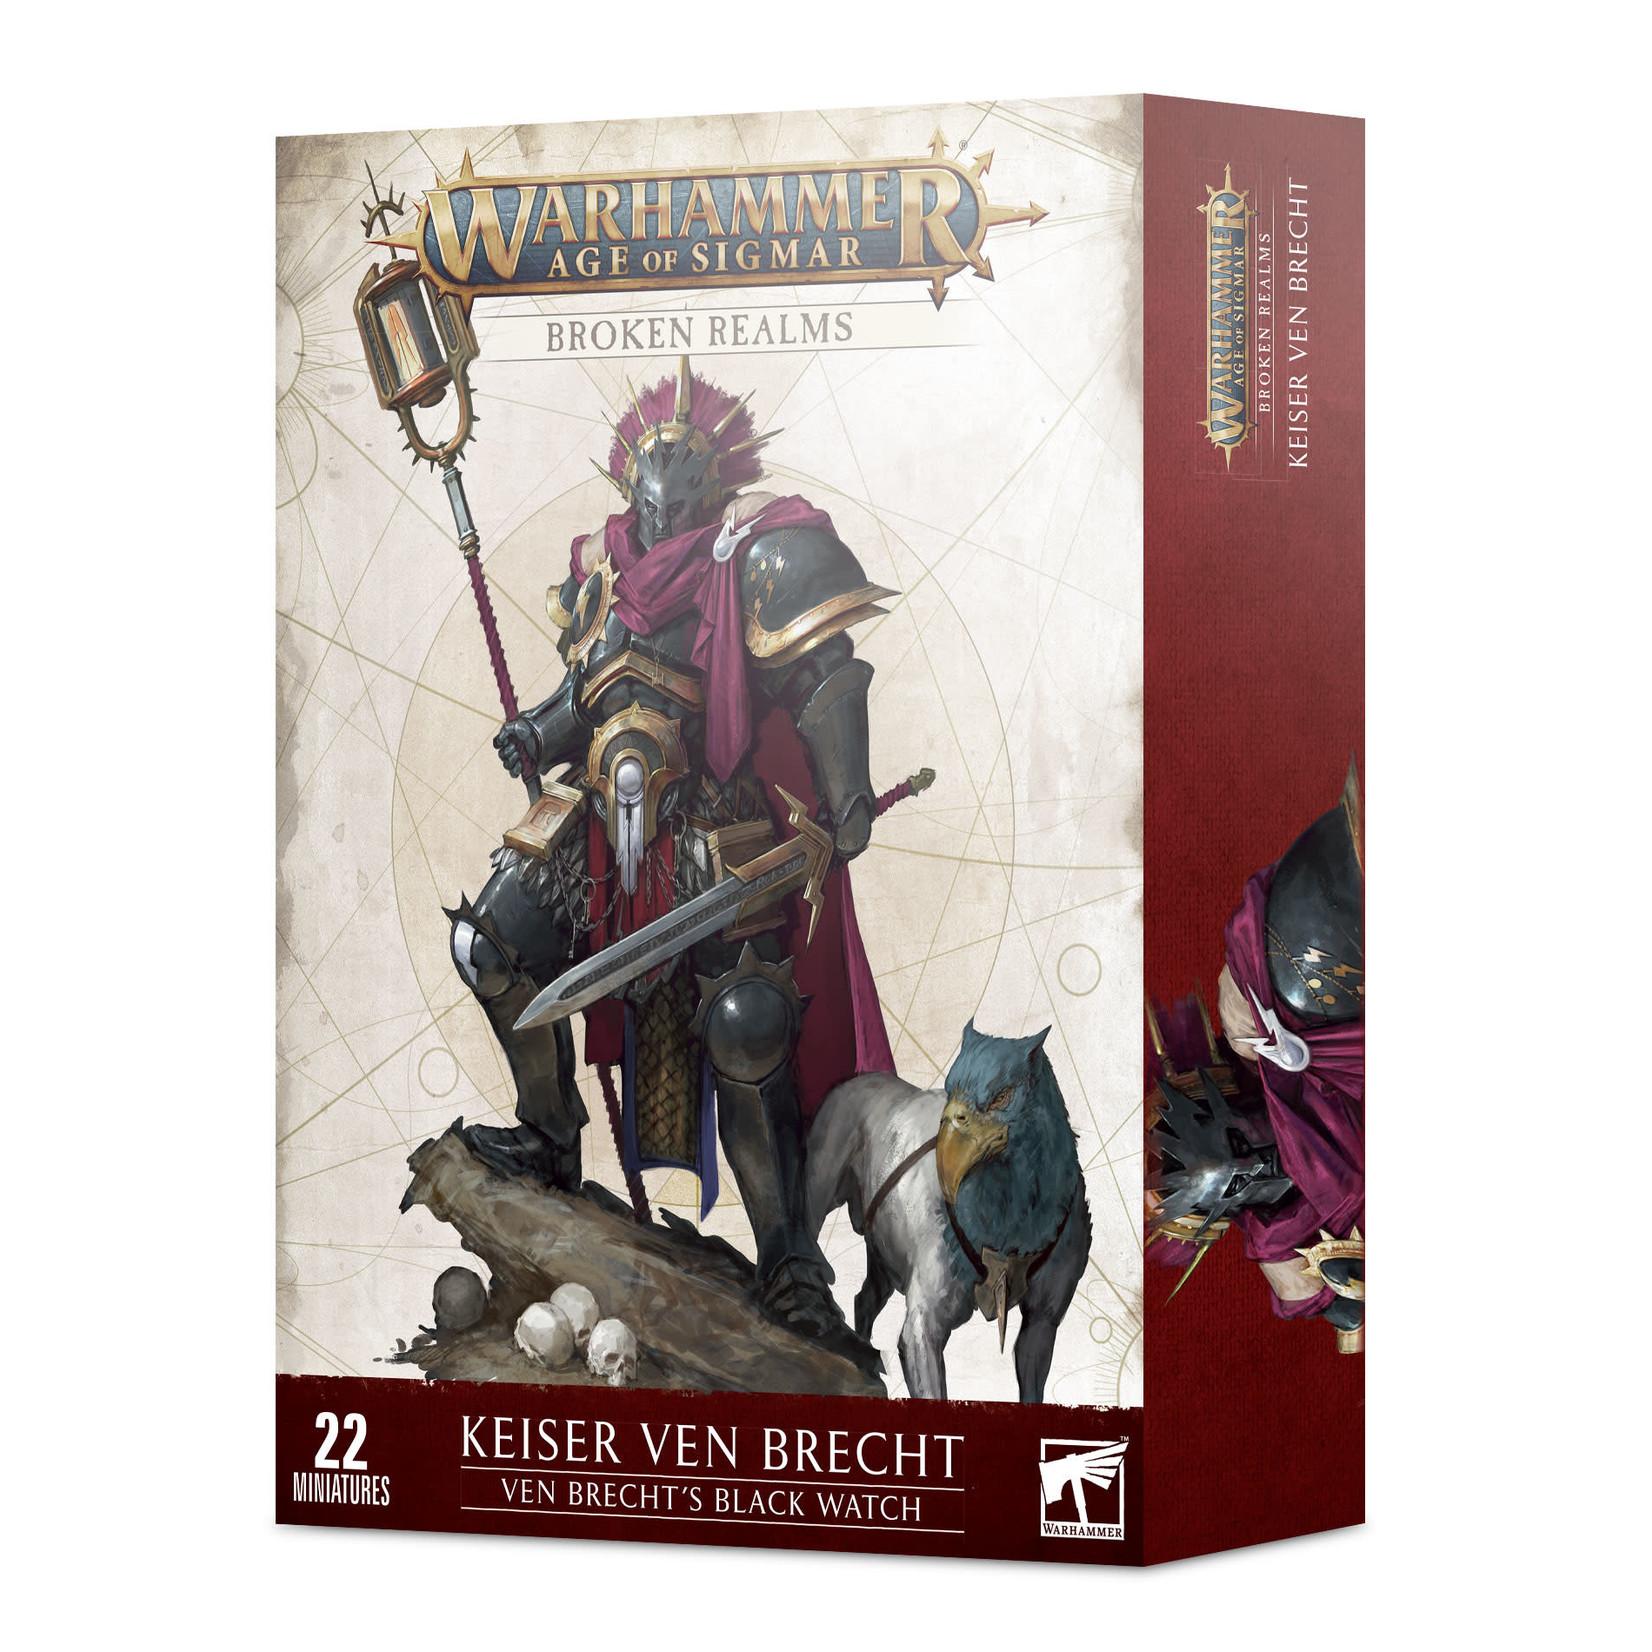 Games Workshop Warhammer Age of Sigmar: Broken Realms - Ven Brecht's Black Watch